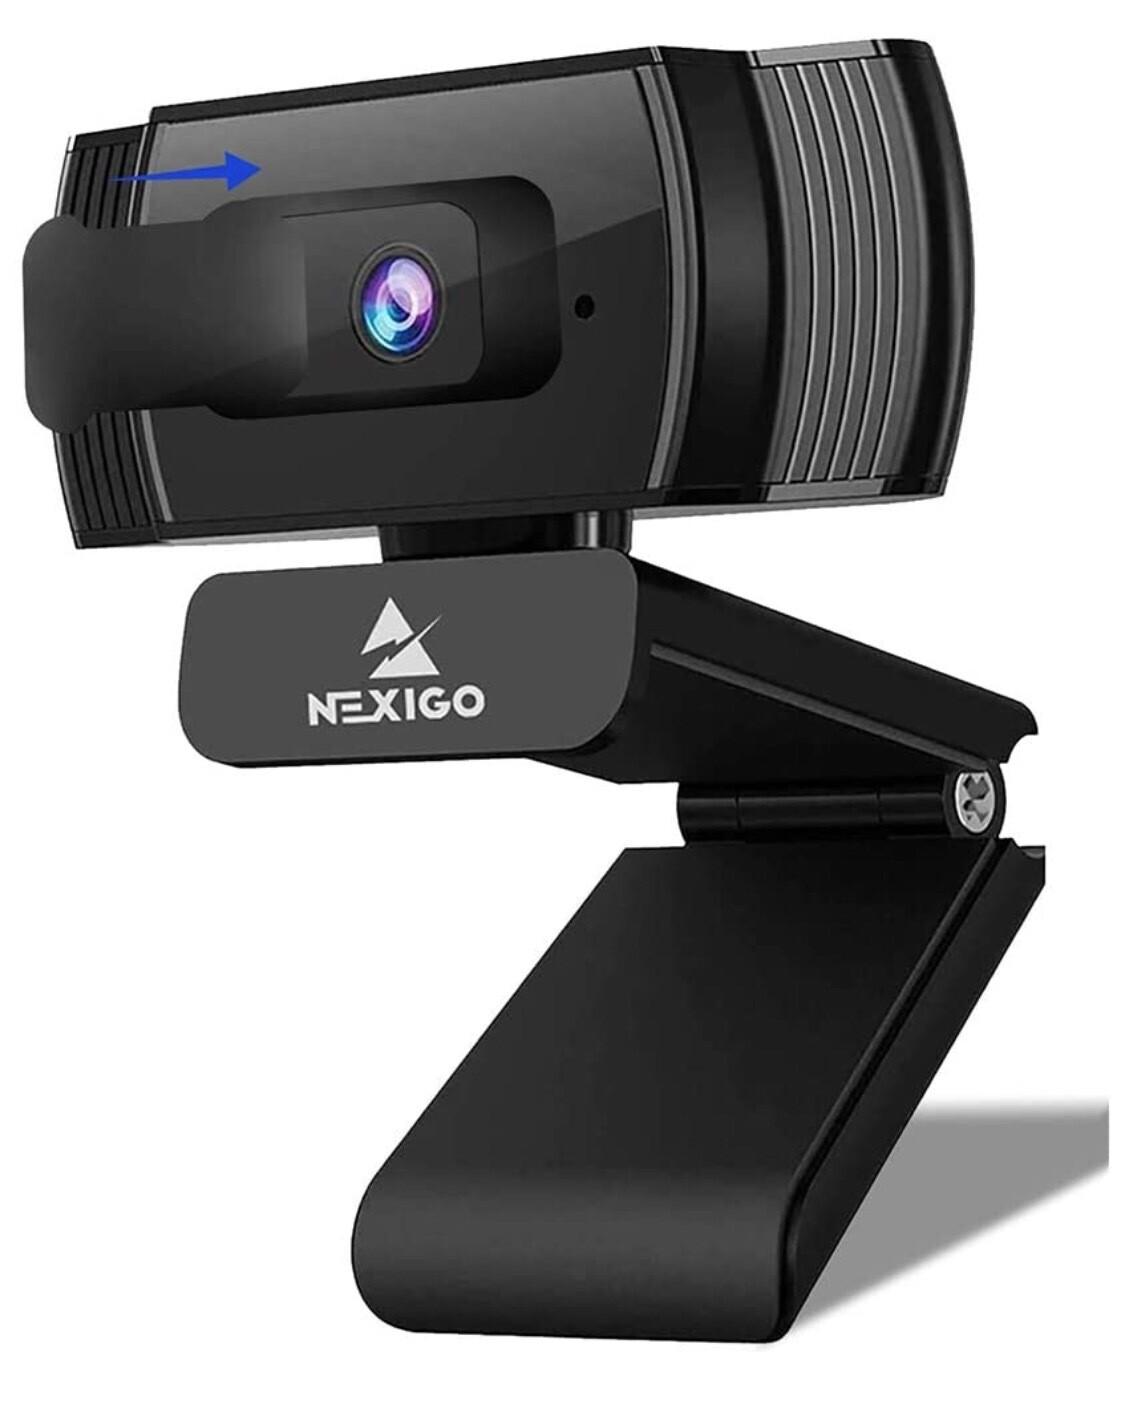 AutoFocus 1080p Streaming Webcam con micrófono estéreo y cubierta de privacidad, NexiGo FHD USB Cámara Web, para Clases Online, Zoom Meeting Skype Facetime Teams, PC, Mac, Laptop Desktop